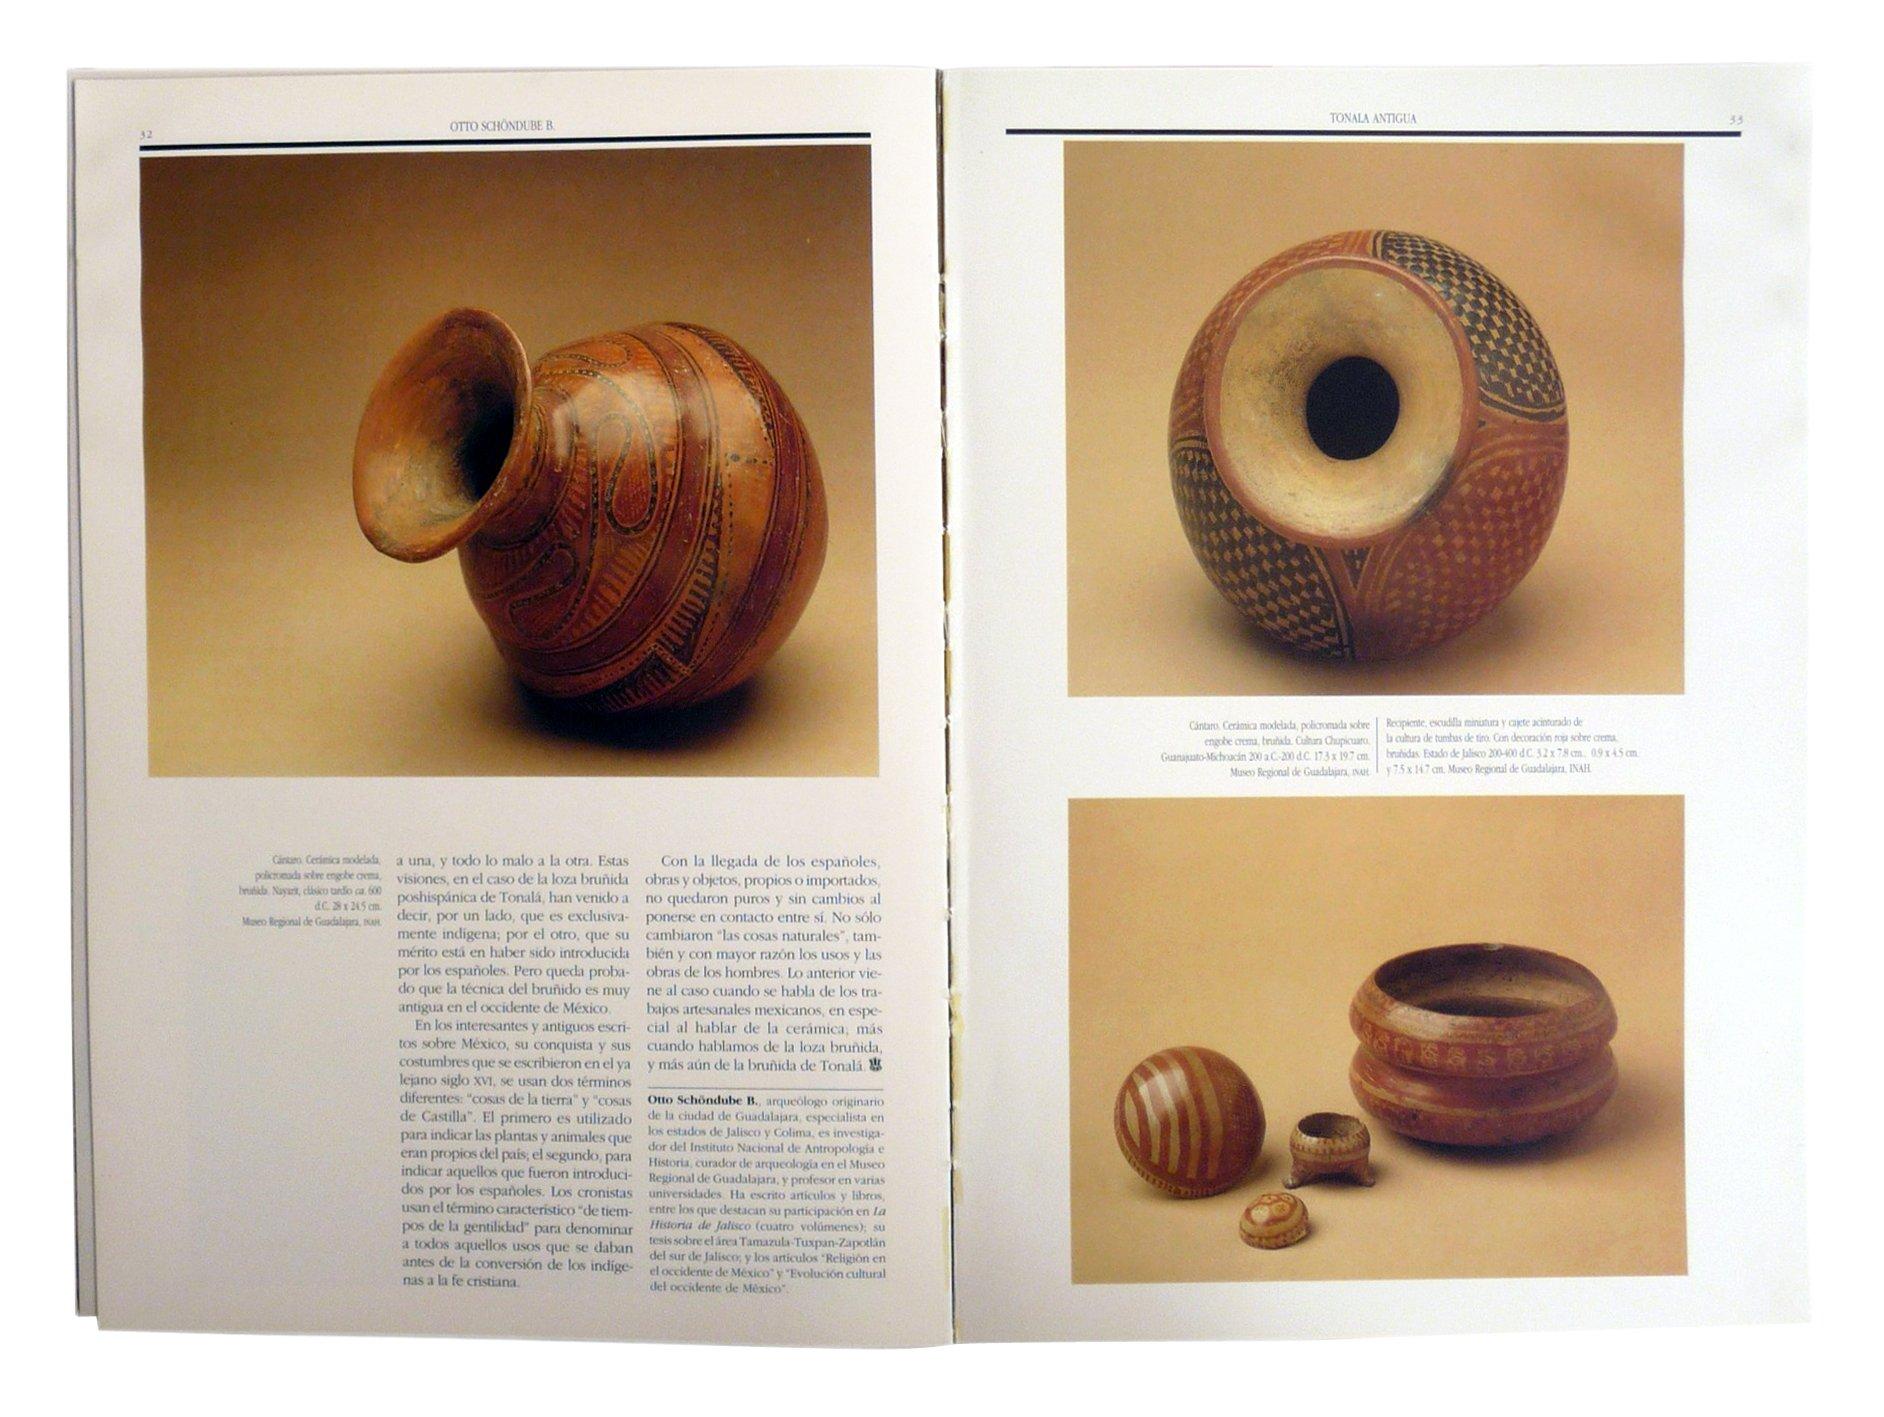 Artes de Mexico # 14  Ceramica de Tonala / Ceramics from